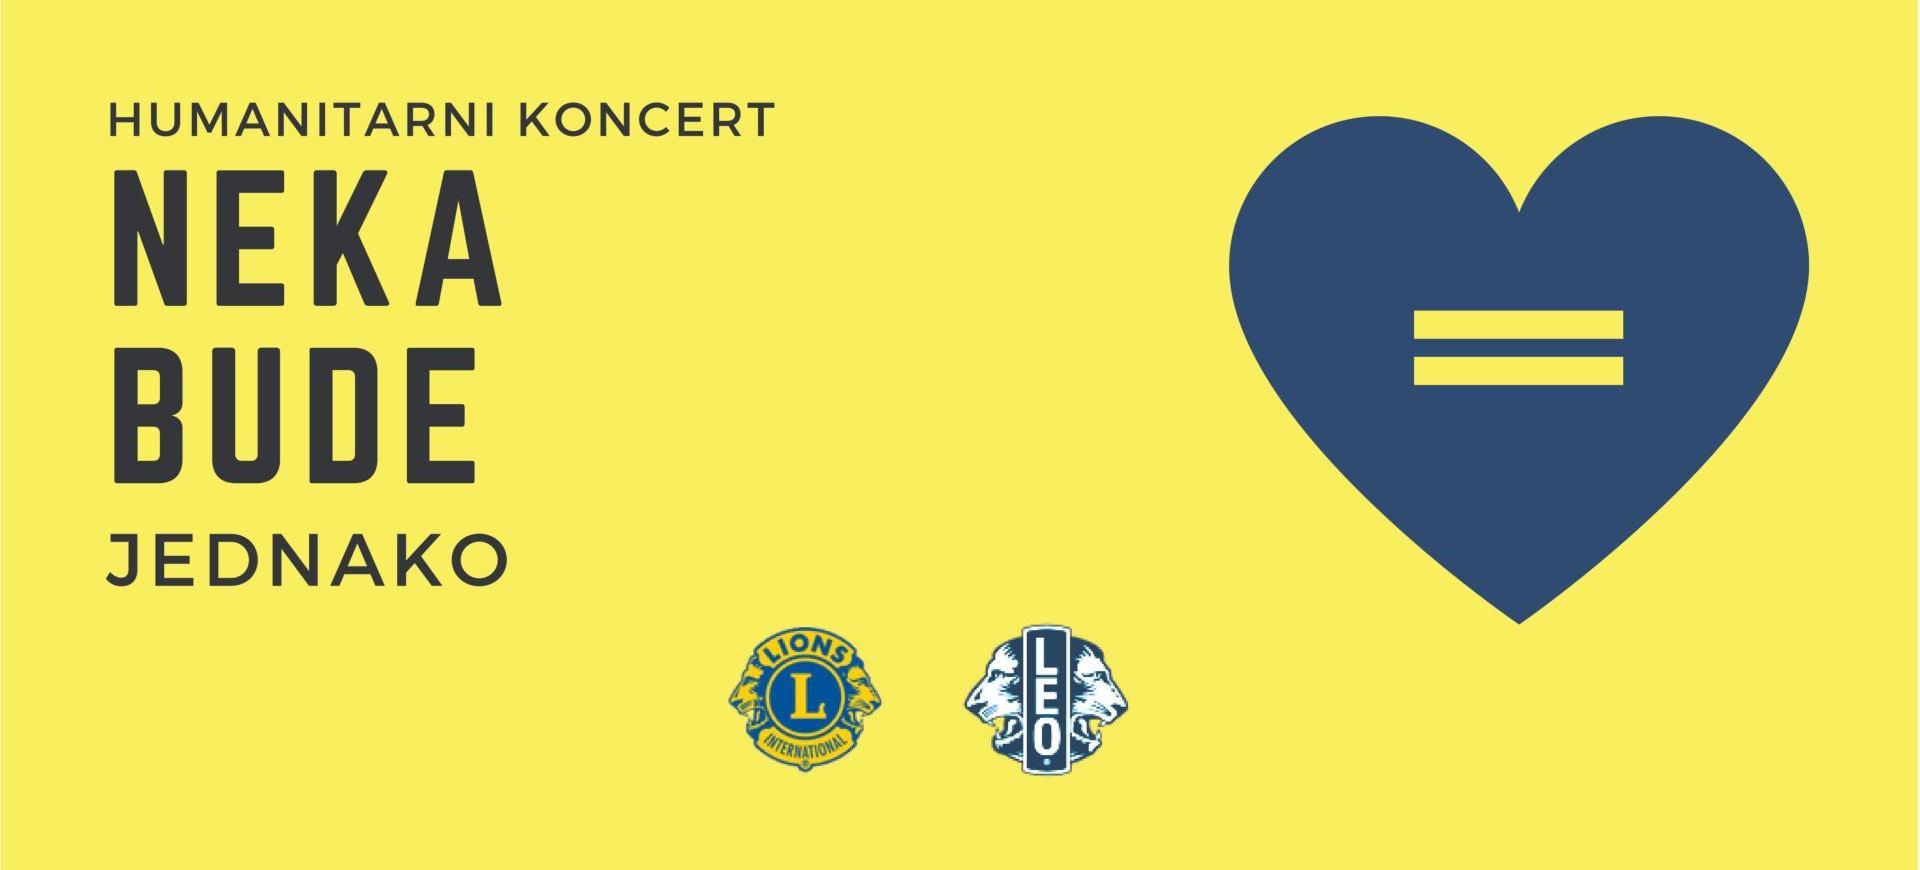 NEKA BUDE JEDNAKO Humanitarni koncert za pomoć djeci s teškoćama u razvoju